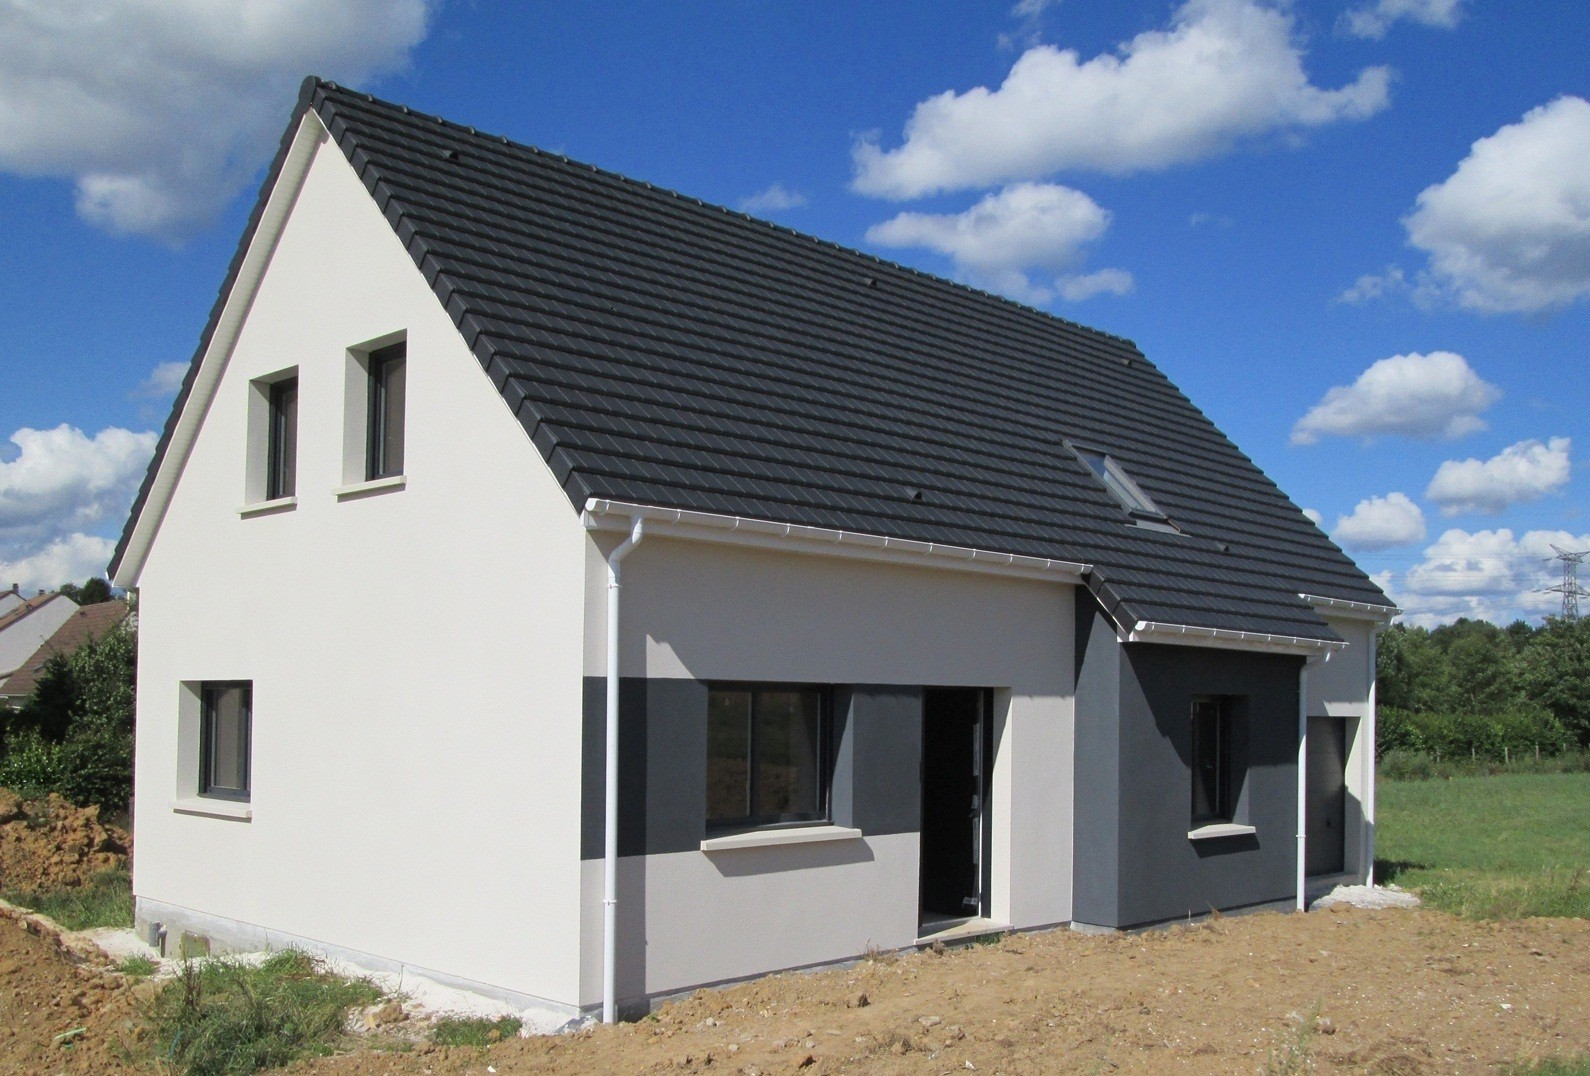 Maisons + Terrains du constructeur CASTOR MESNIL ESNARD • 110 m² • SAINT JACQUES SUR DARNETAL